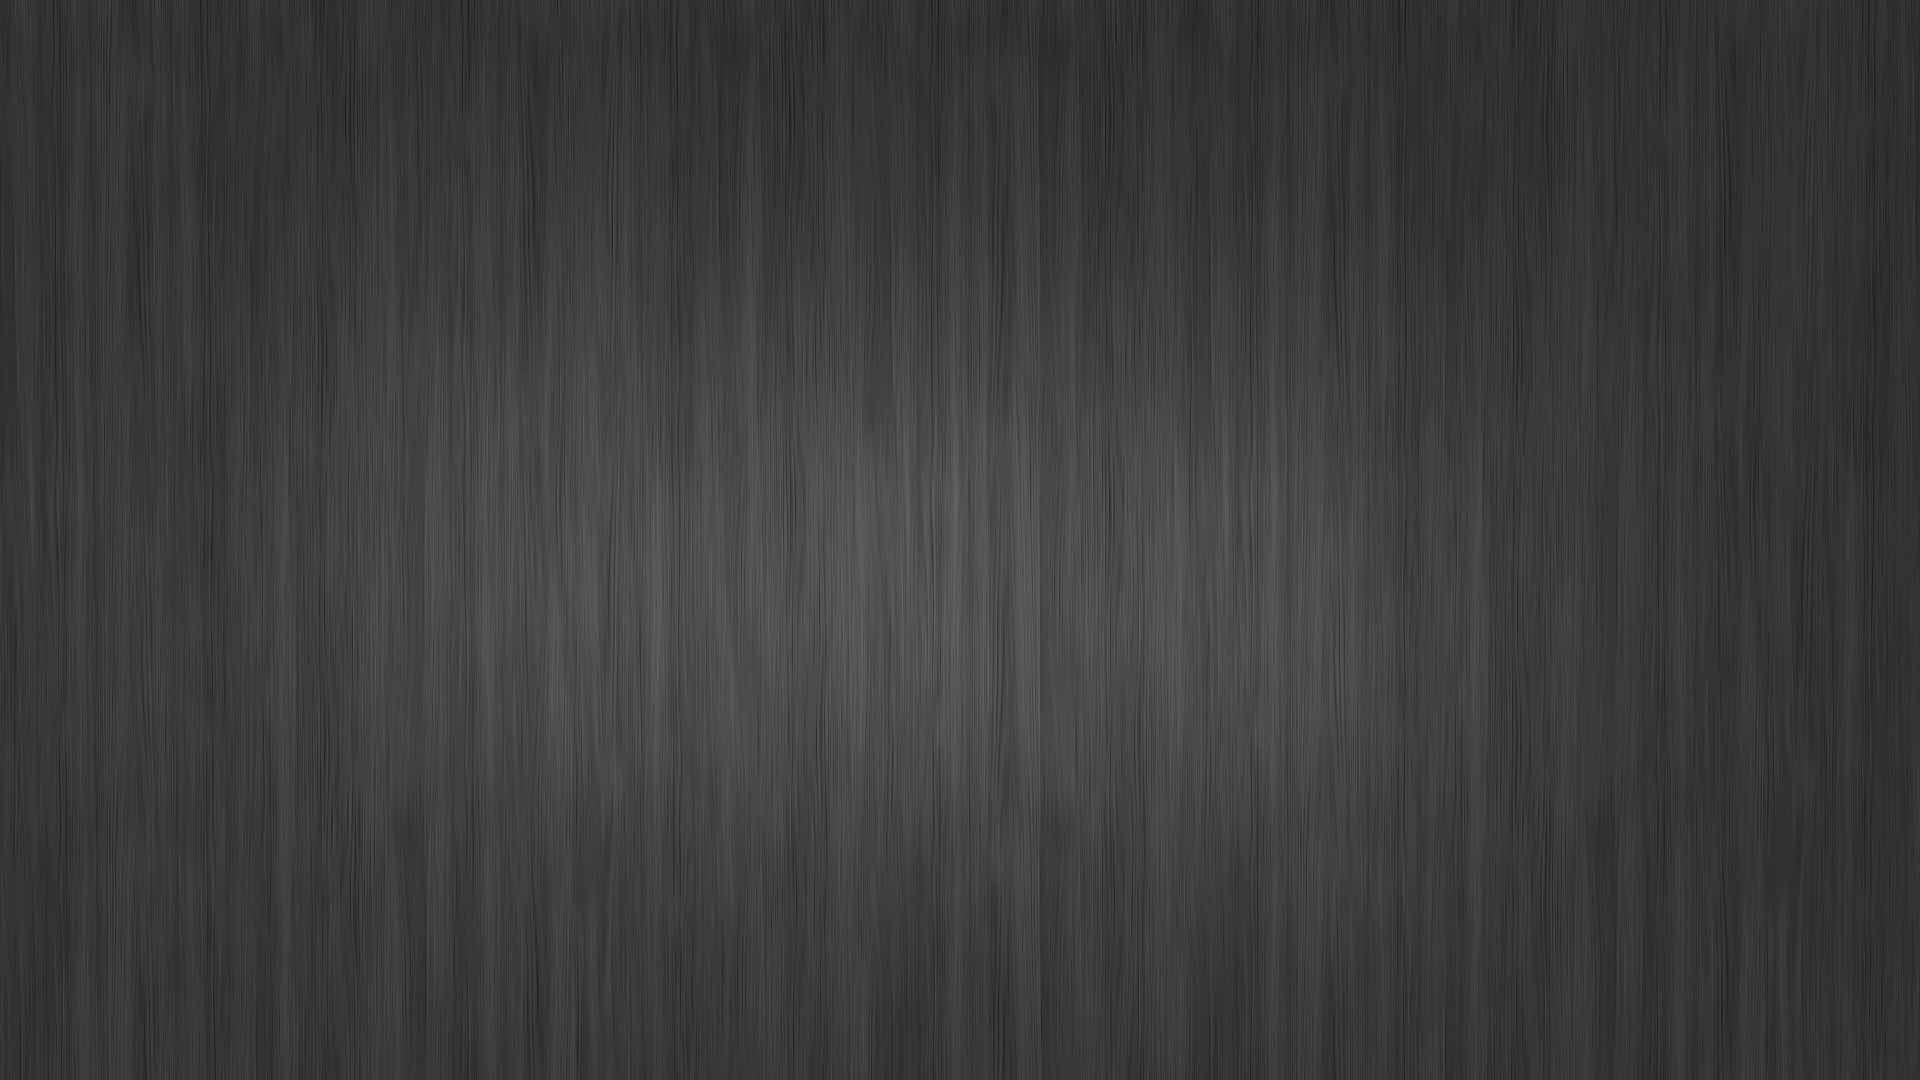 Website Background Texture wallpaper download